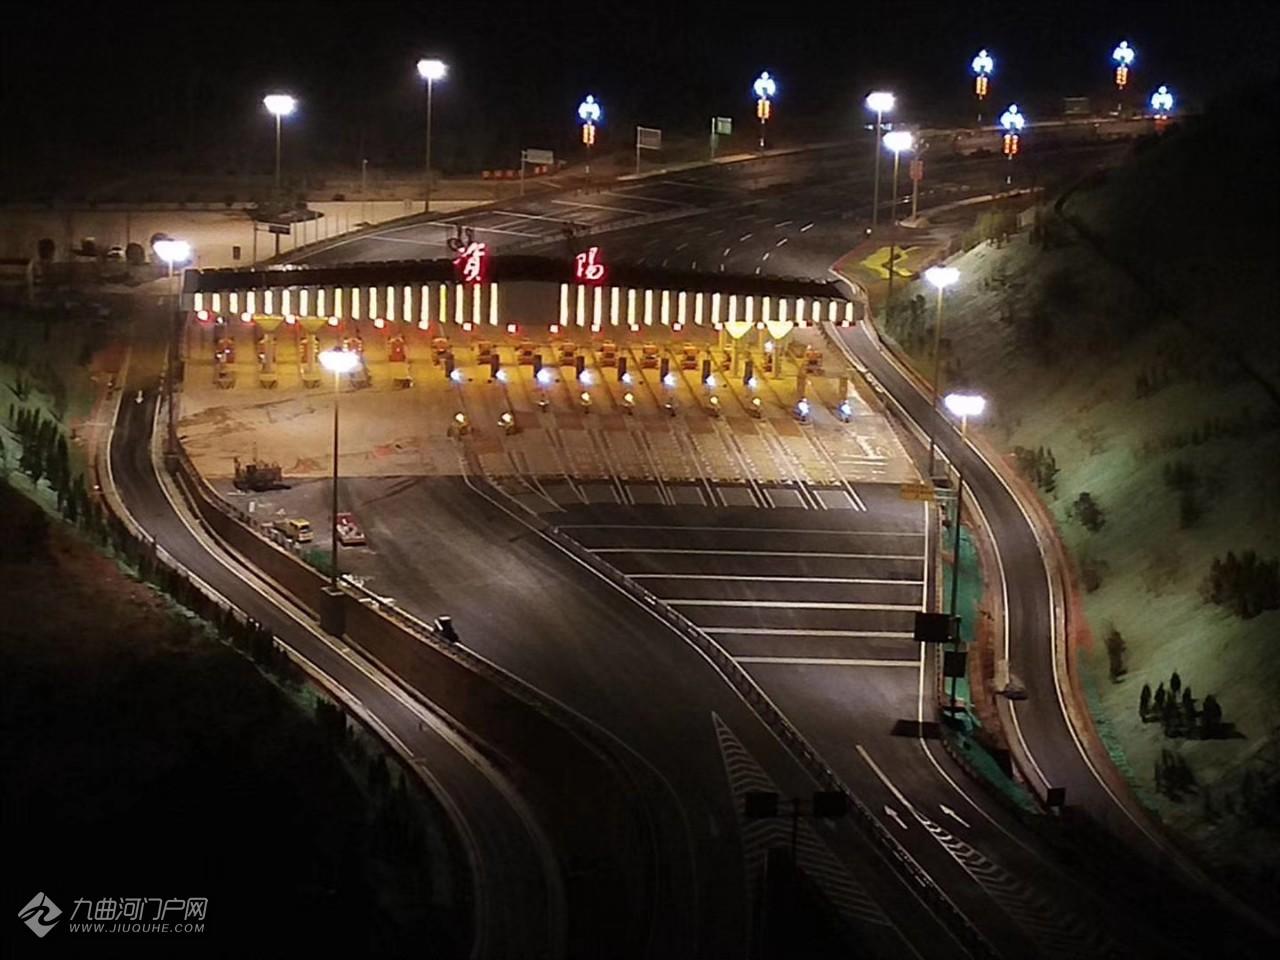 夜晚的成渝高速资阳站!大家是不是很期待13好正式启用通车?